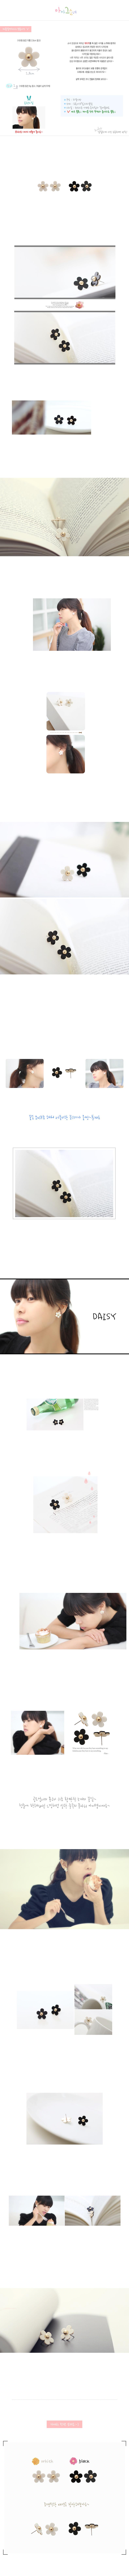 데이지 귀걸이 - 아까그소녀, 8,000원, 주얼리 DIY, 귀걸이